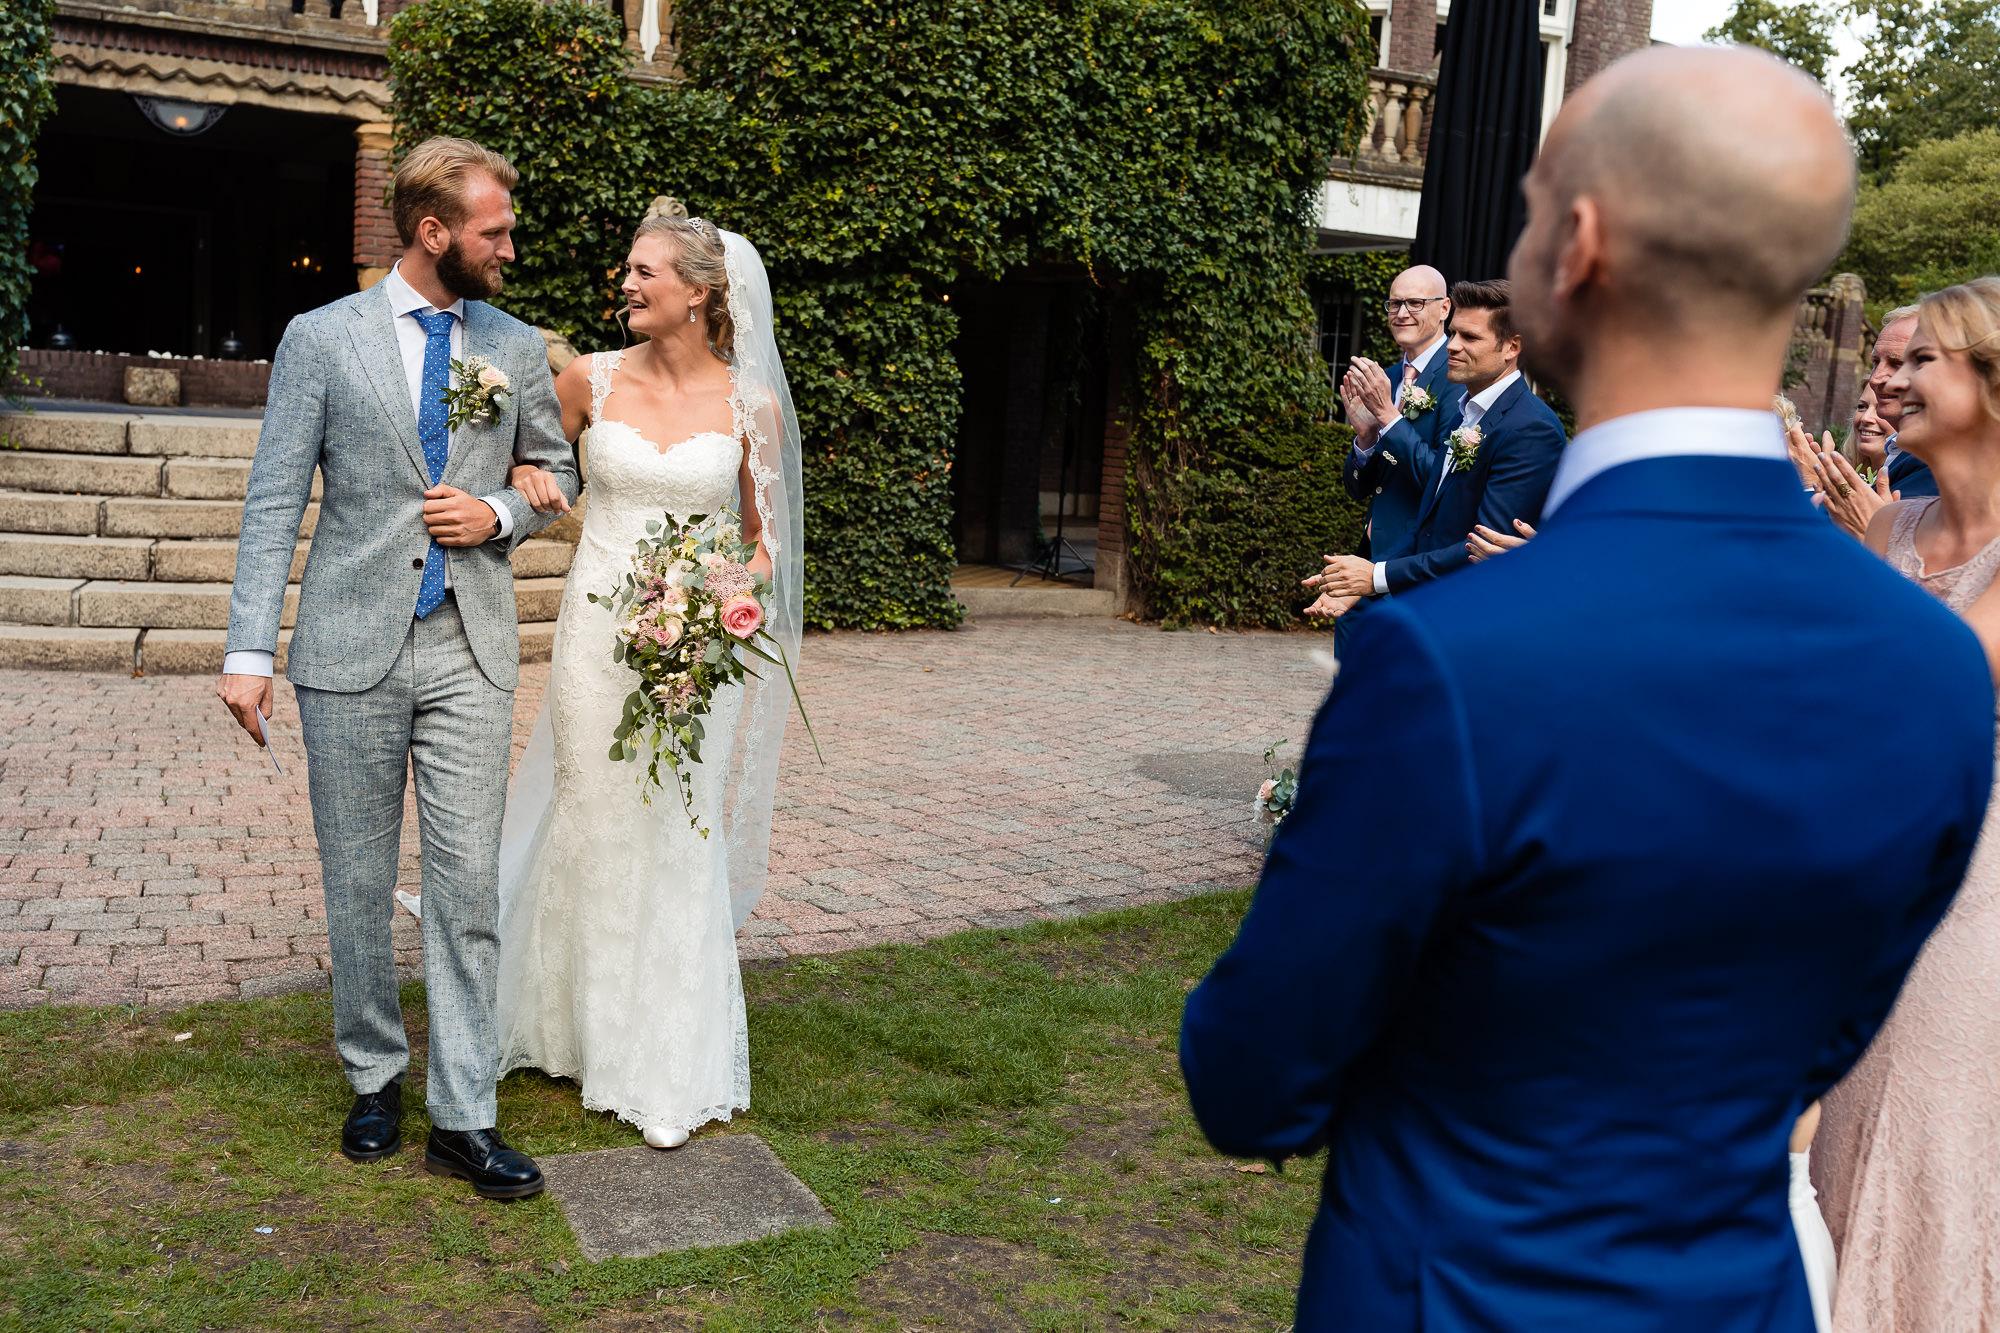 Bruid wordt weggegeven door d'r broer